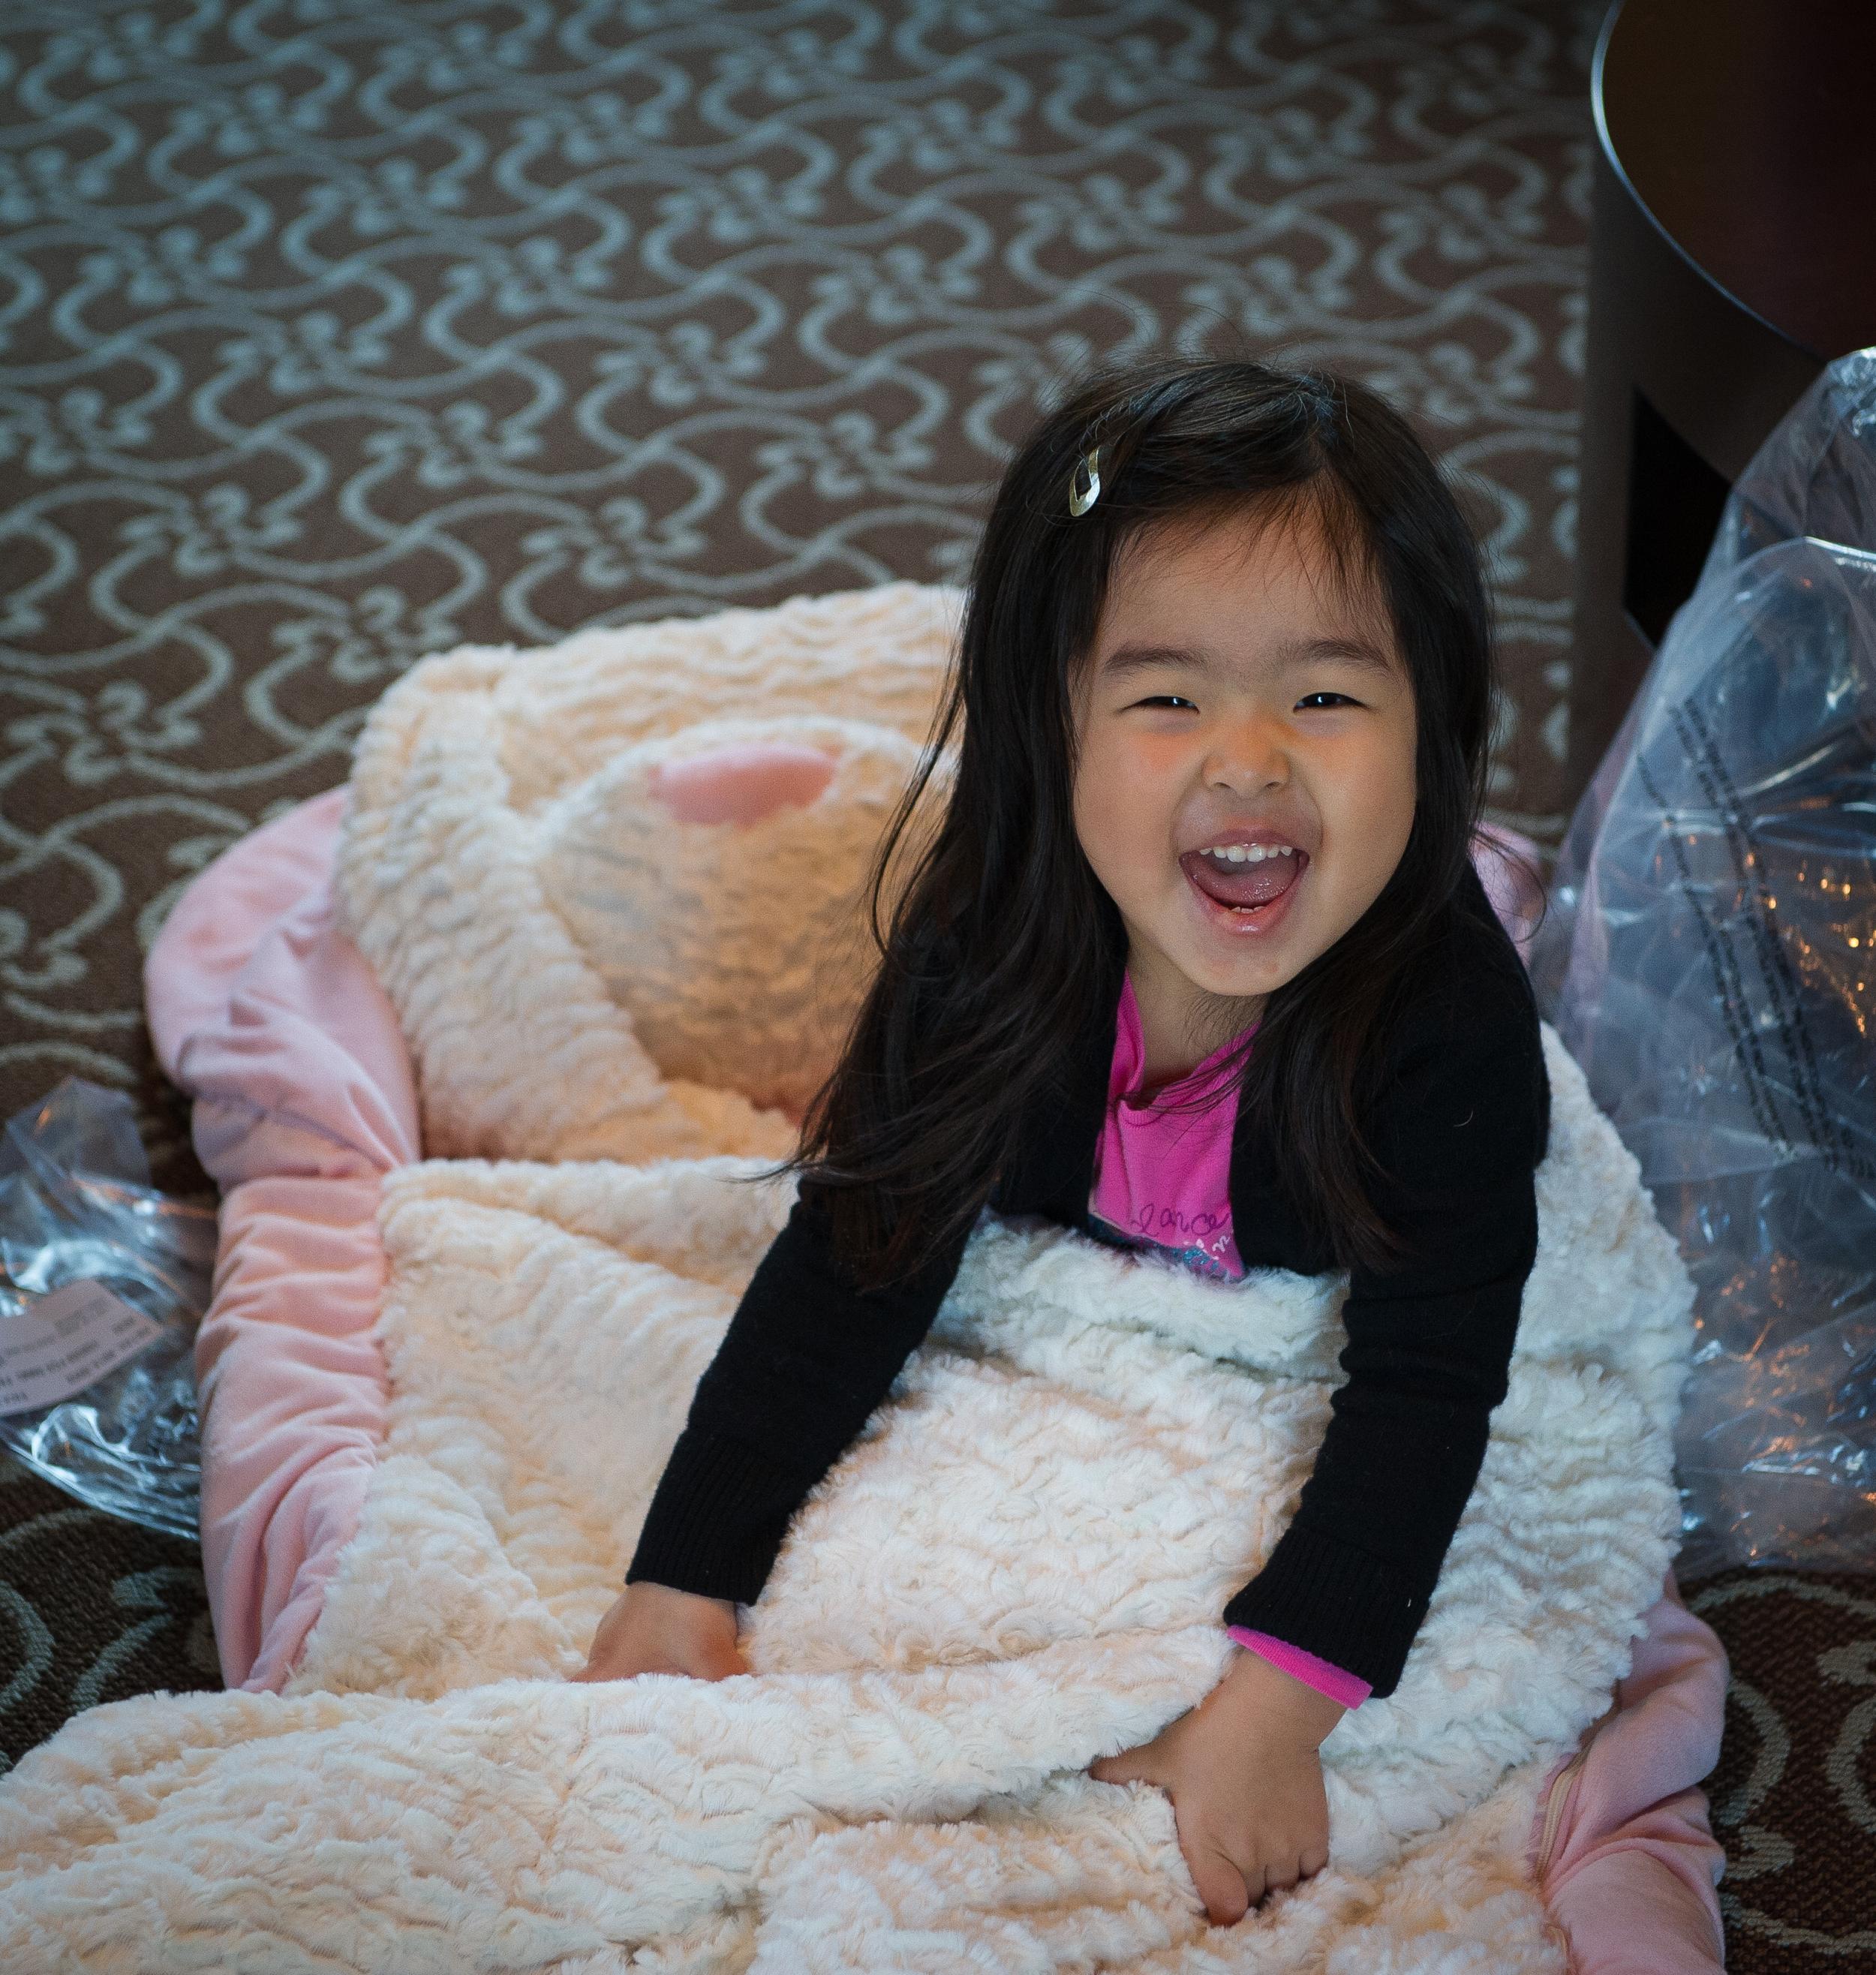 My niece Averie